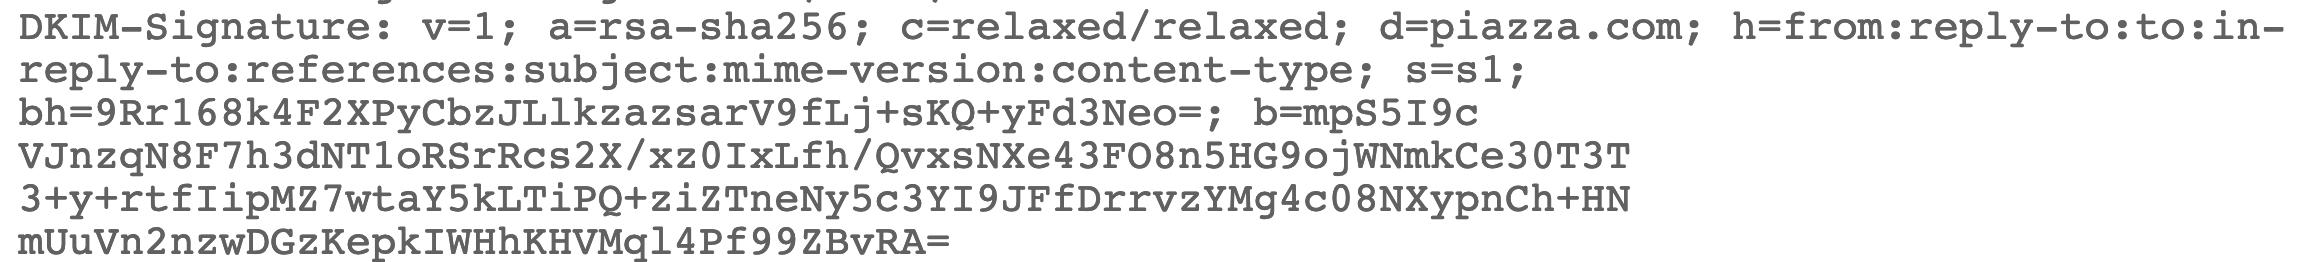 Окей, Гугл, опубликуй свои секретные ключи DKIM - 2